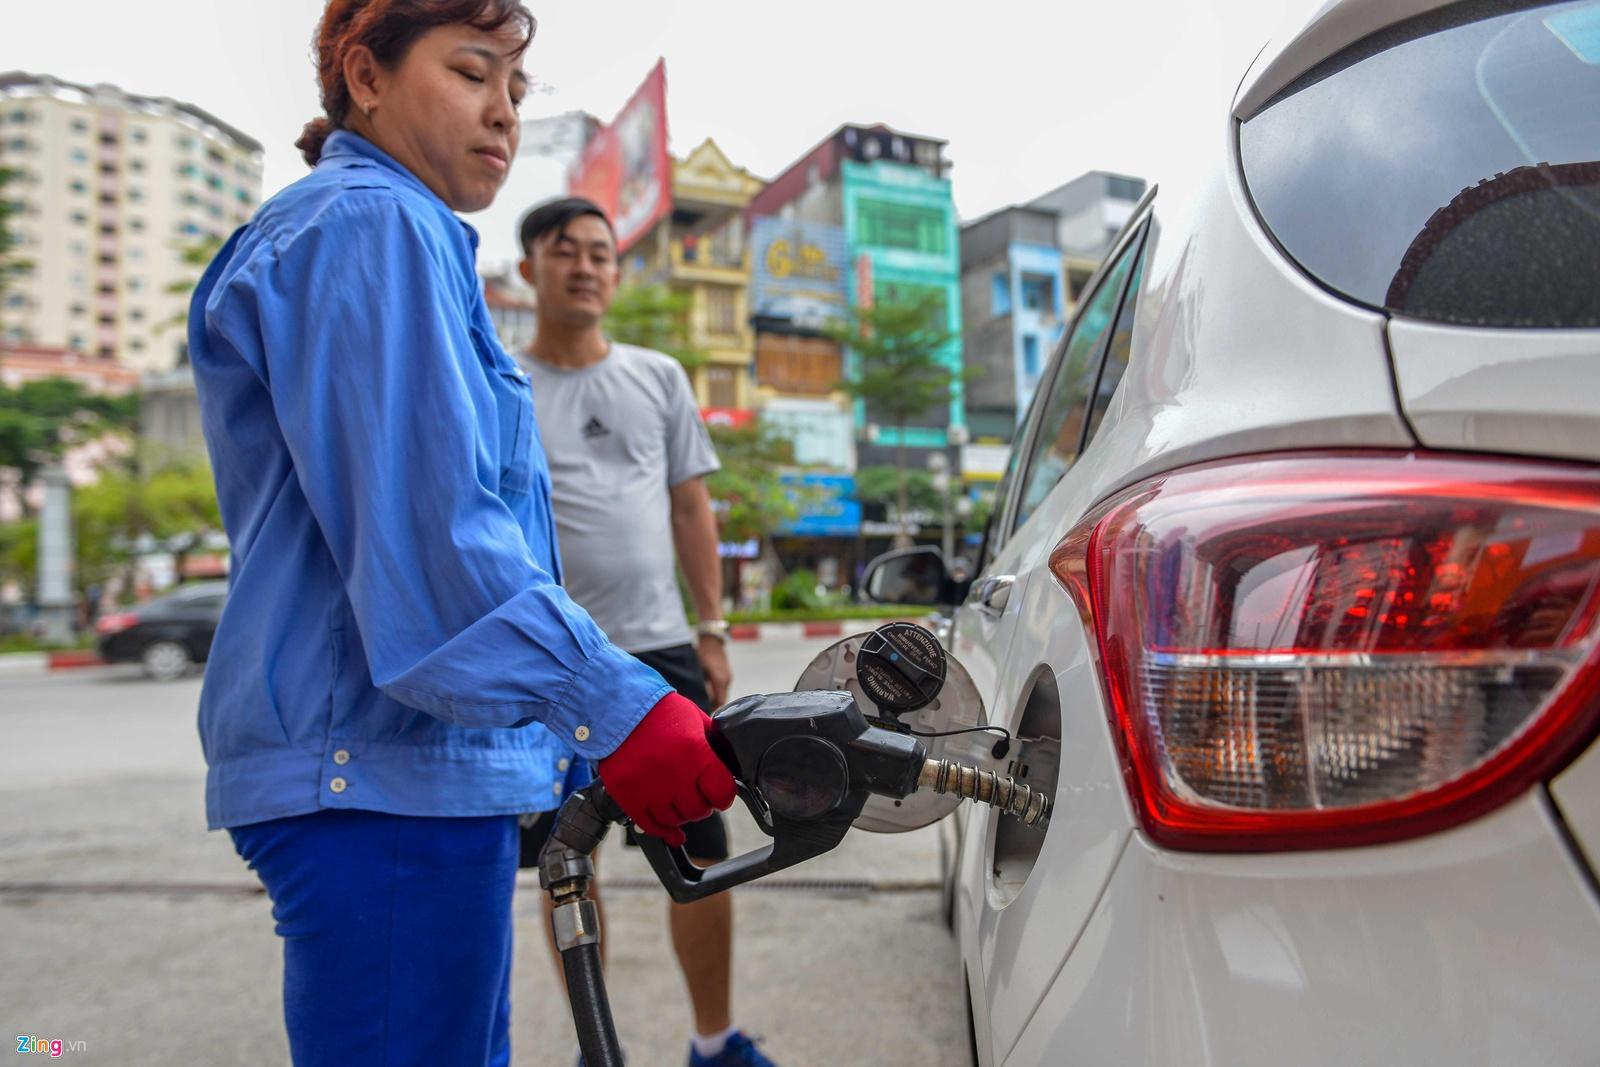 Giá xăng giảm 77 đồng/lít trước dịp tết Nguyên đán